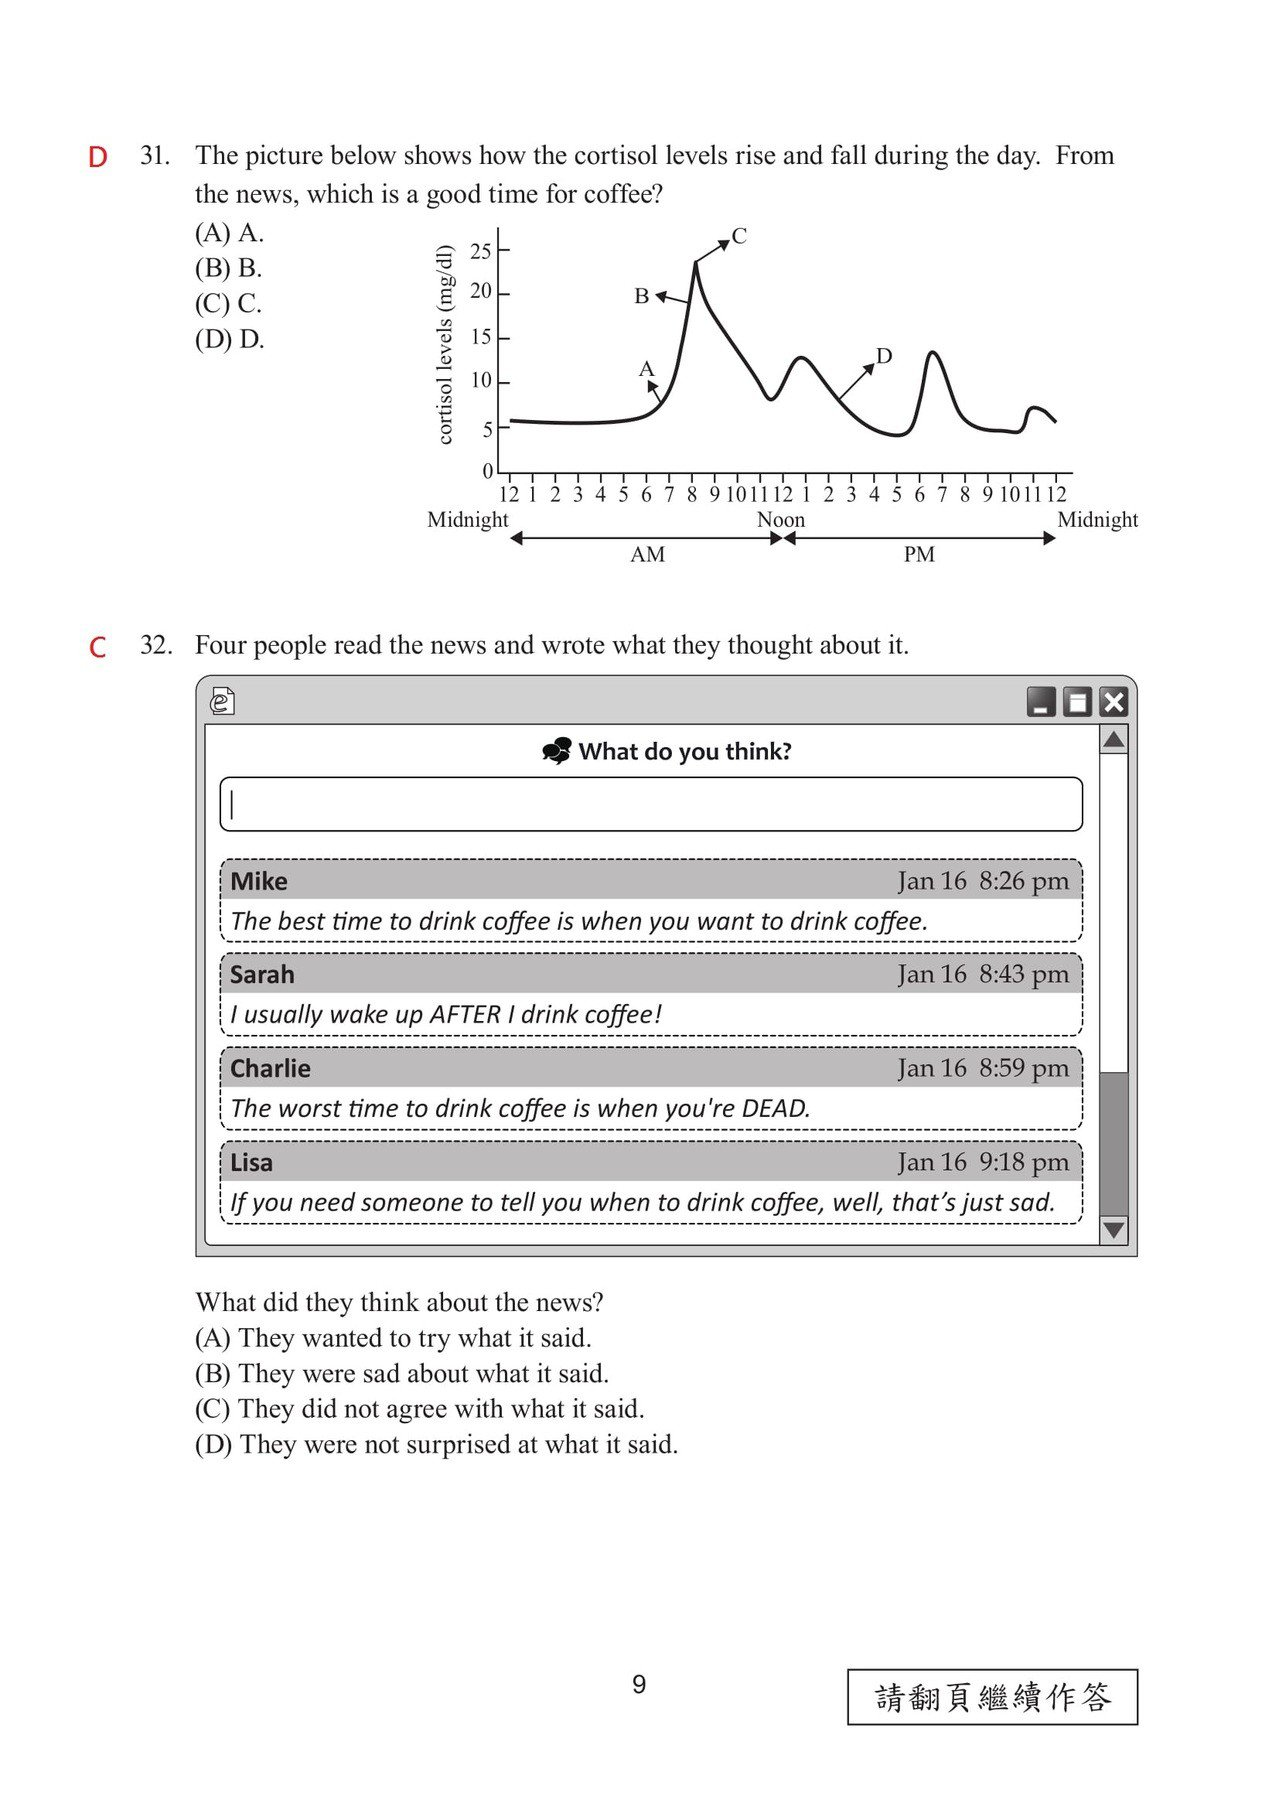 108國中會考英語(閱讀)科試題解答,第9頁。